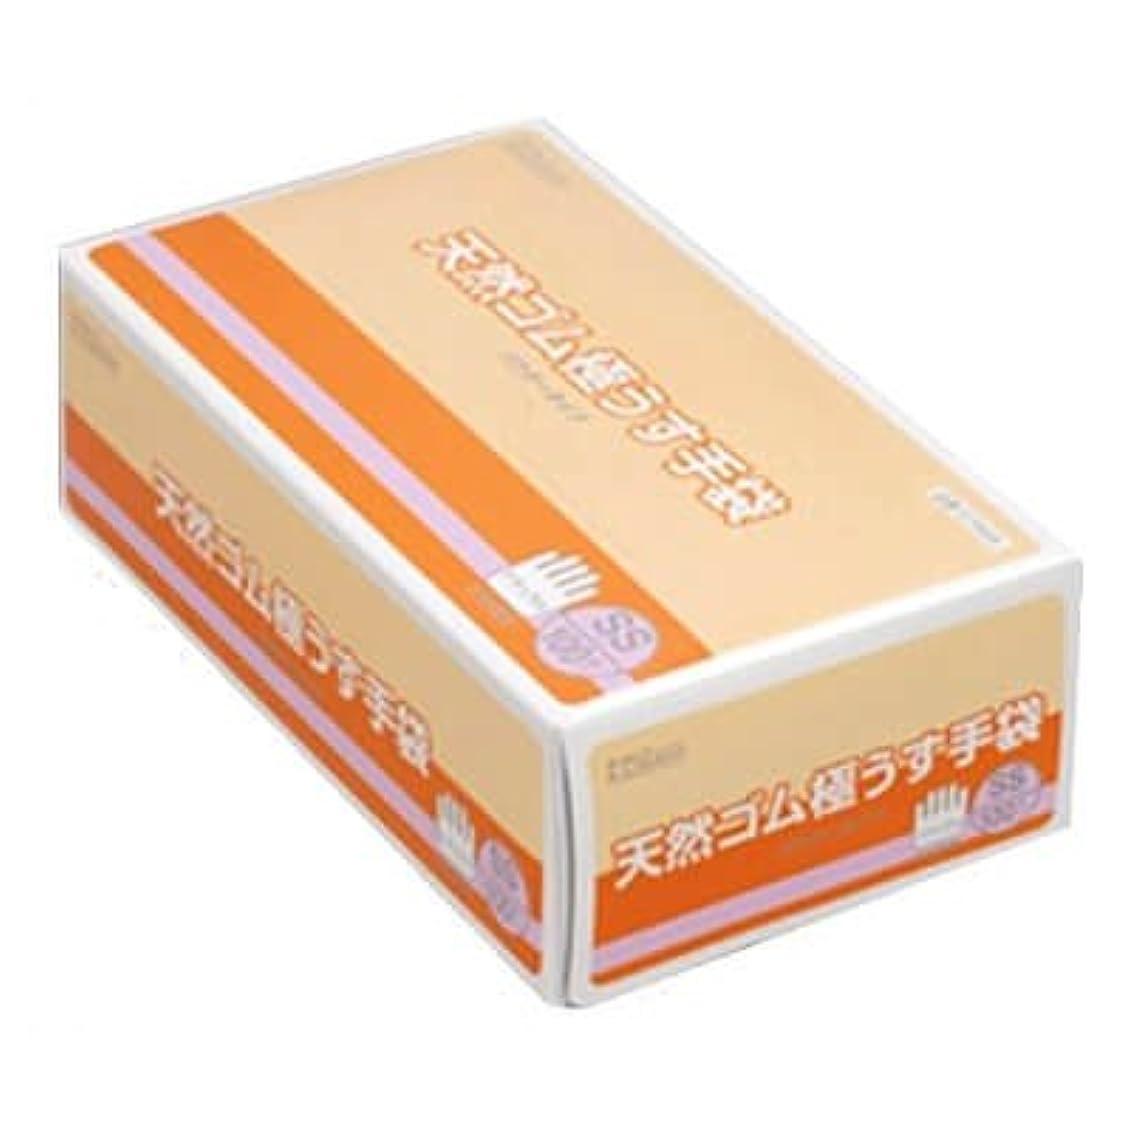 サイト部屋を掃除するパイル【ケース販売】 ダンロップ 天然ゴム極うす手袋 SS ナチュラル (100枚入×20箱)